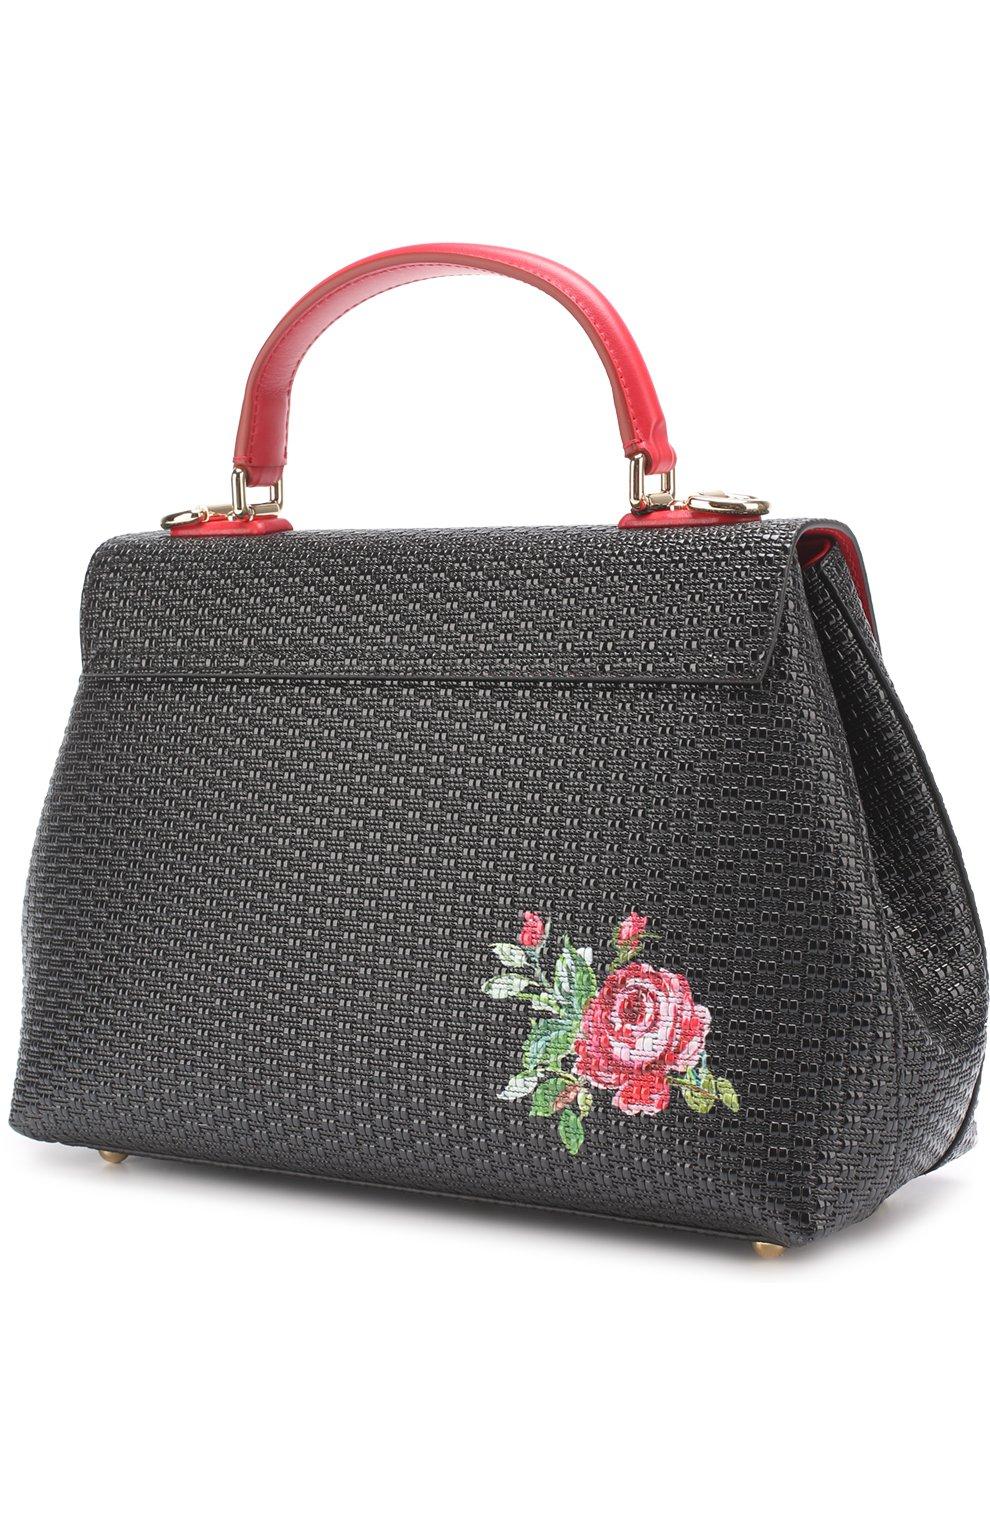 Сумка Lucia medium с принтом Dolce & Gabbana черная цвета | Фото №2